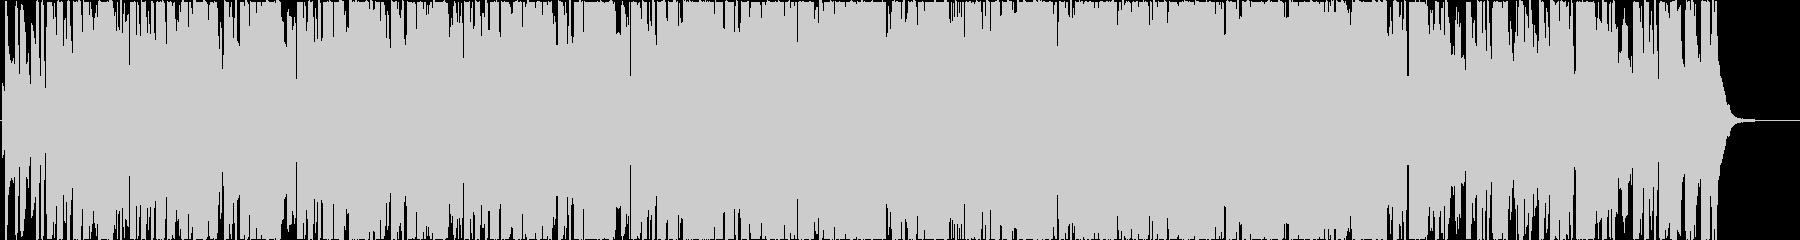 怪しいインド風トラップ・ヒップホップcの未再生の波形